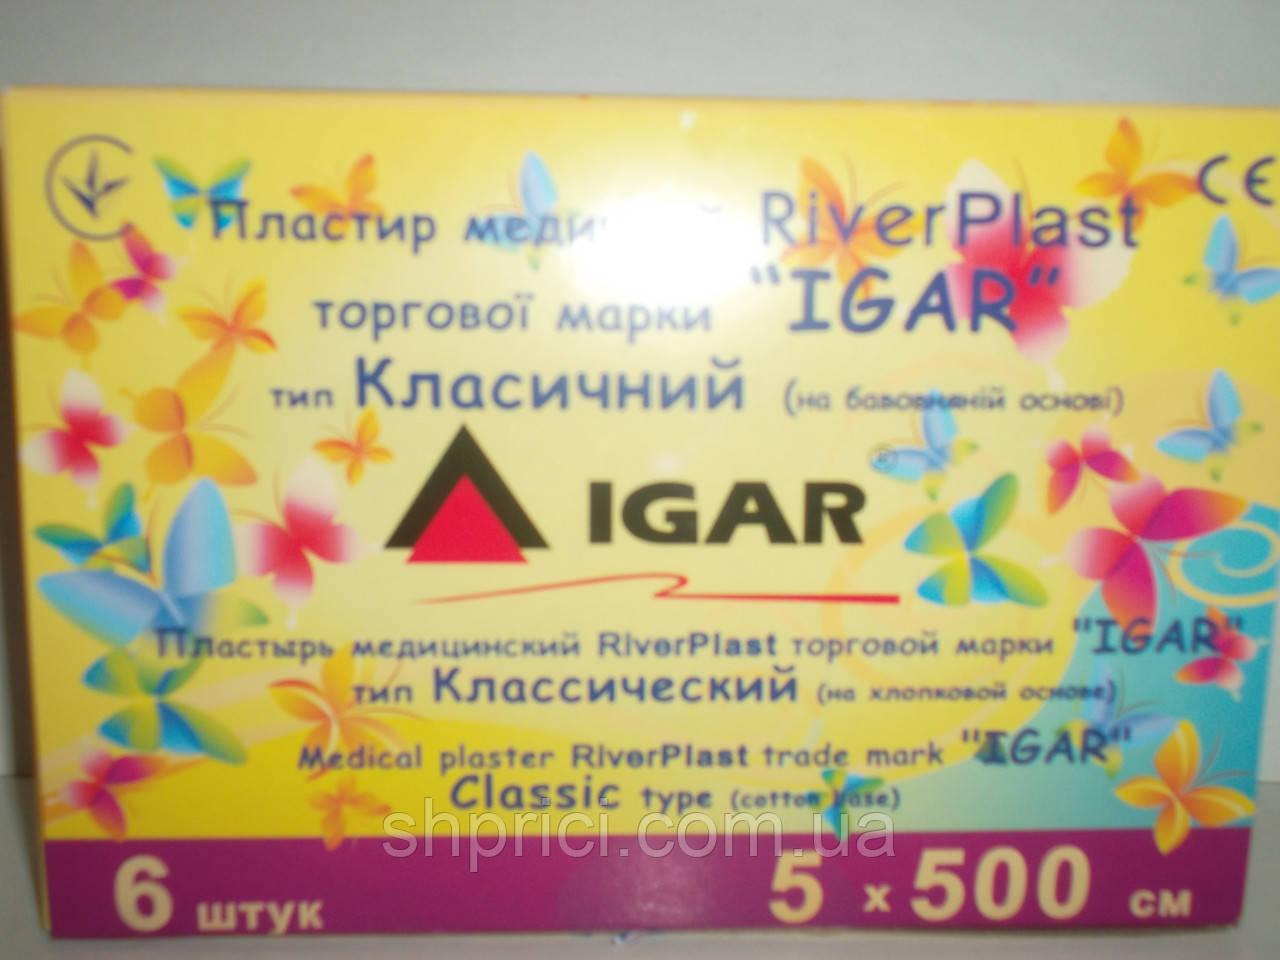 Пластырь медицинский 5х500 Классический на тканевой основе RiverPlast / ИГАР